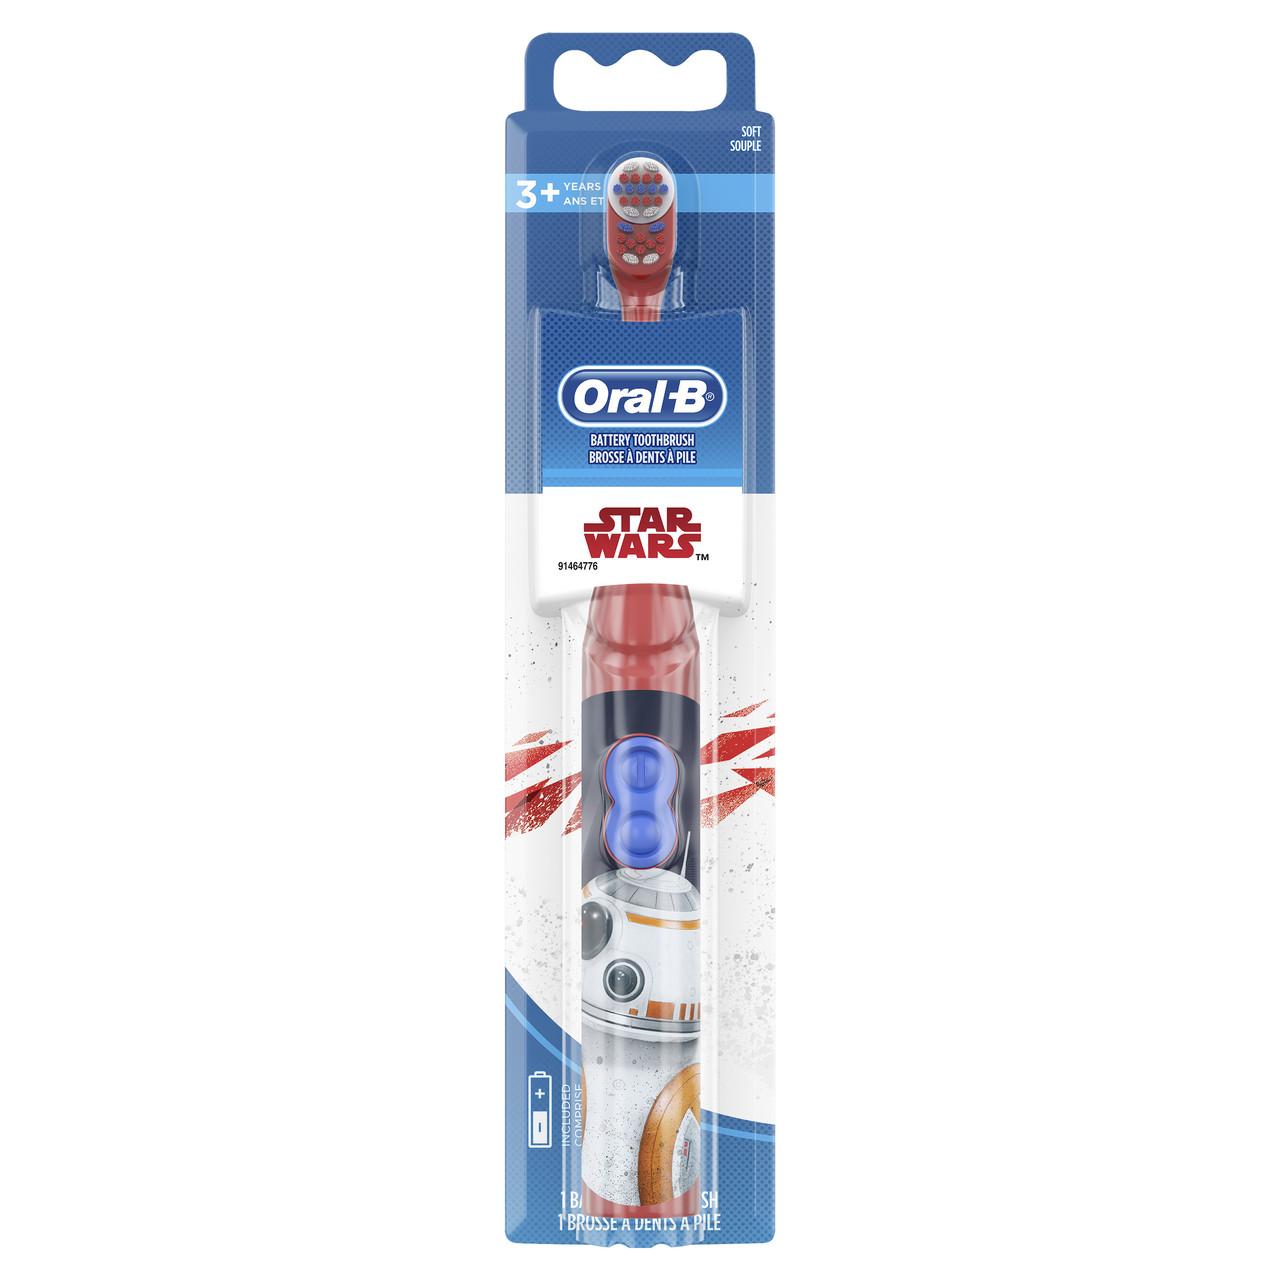 Електрична зубна щітка BRAUN Oral-b  DB3 Зоряні Війни (Star wars)